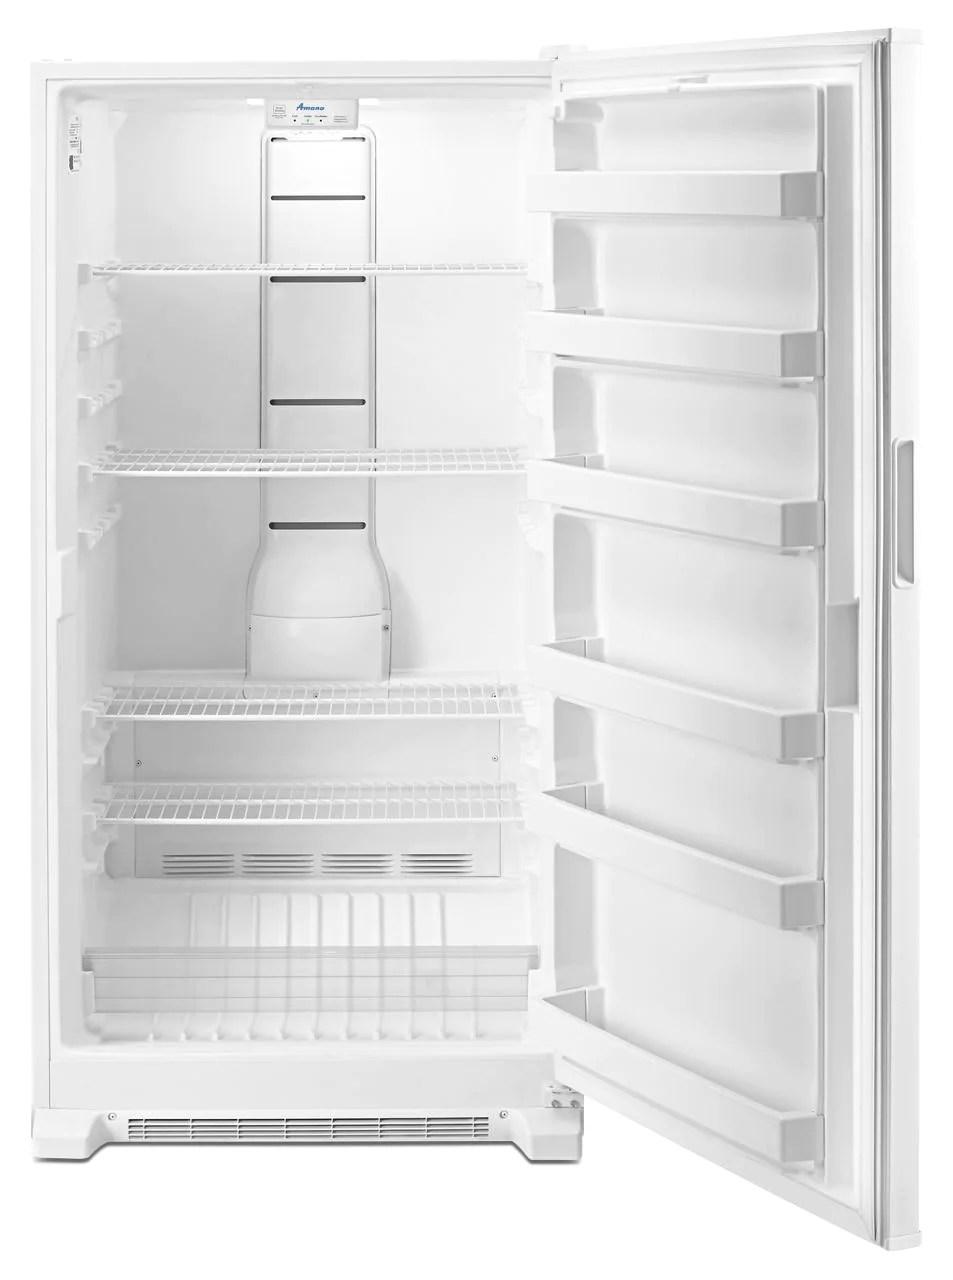 Amana White Upright Freezer 180 Cu Ft AZF33X18DW